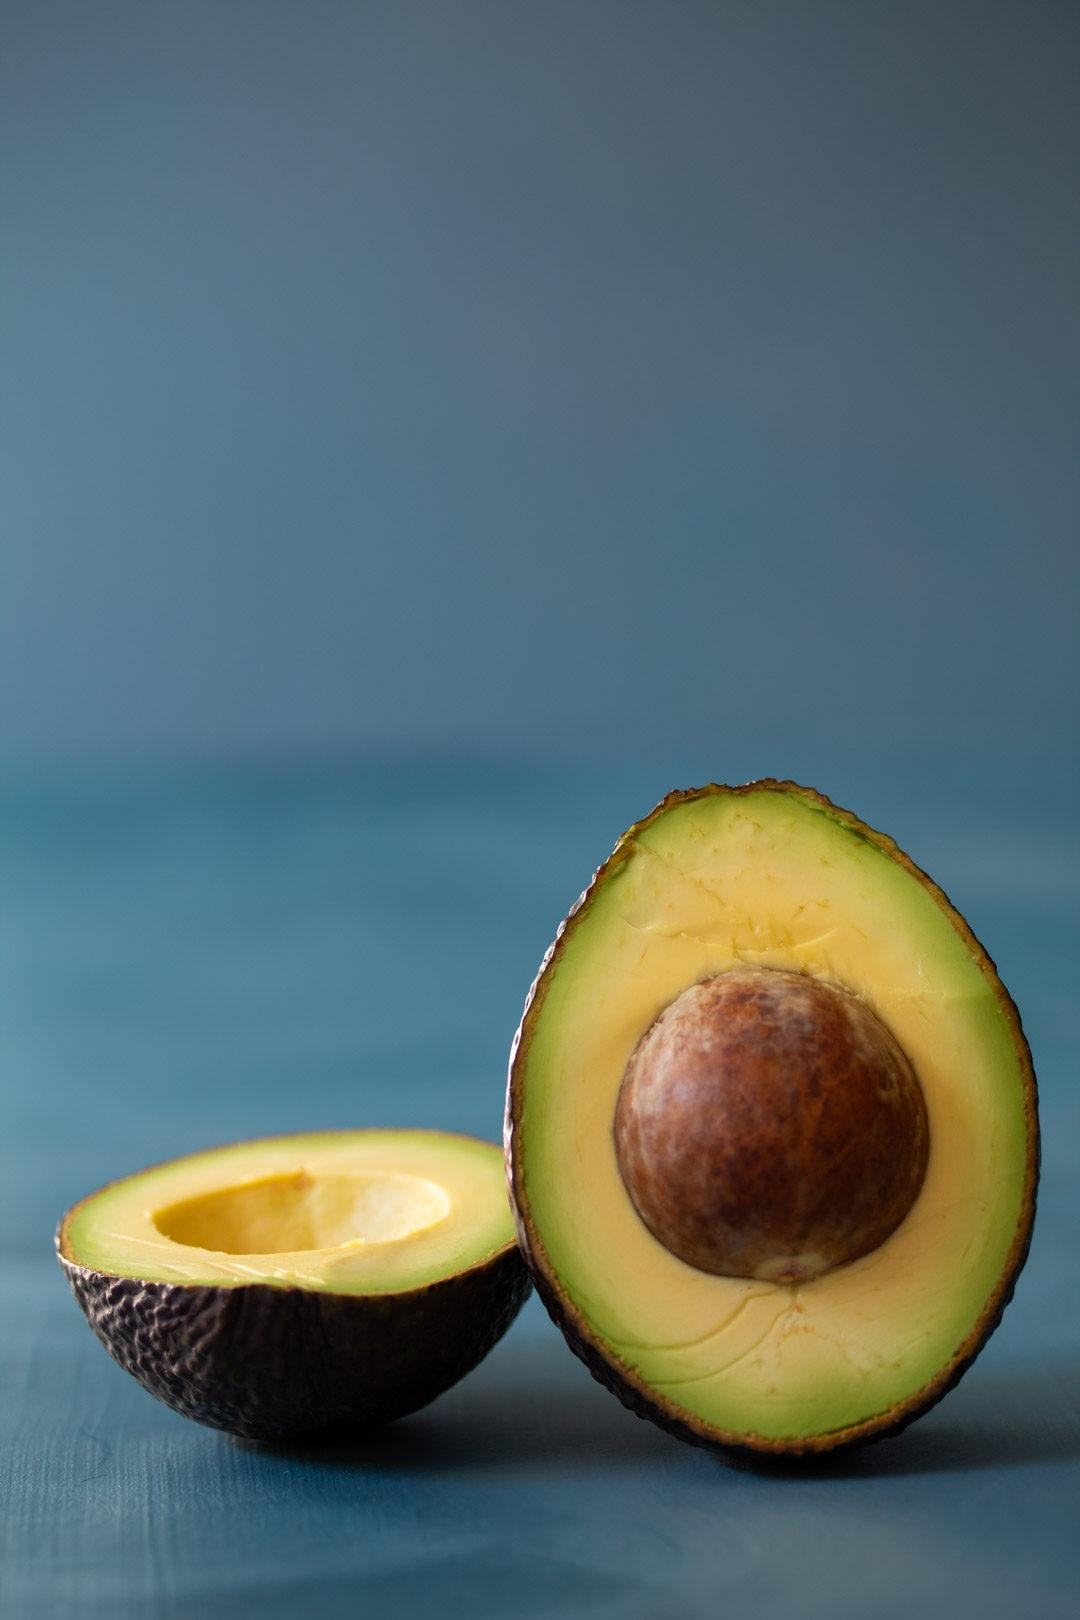 avocado still life halved